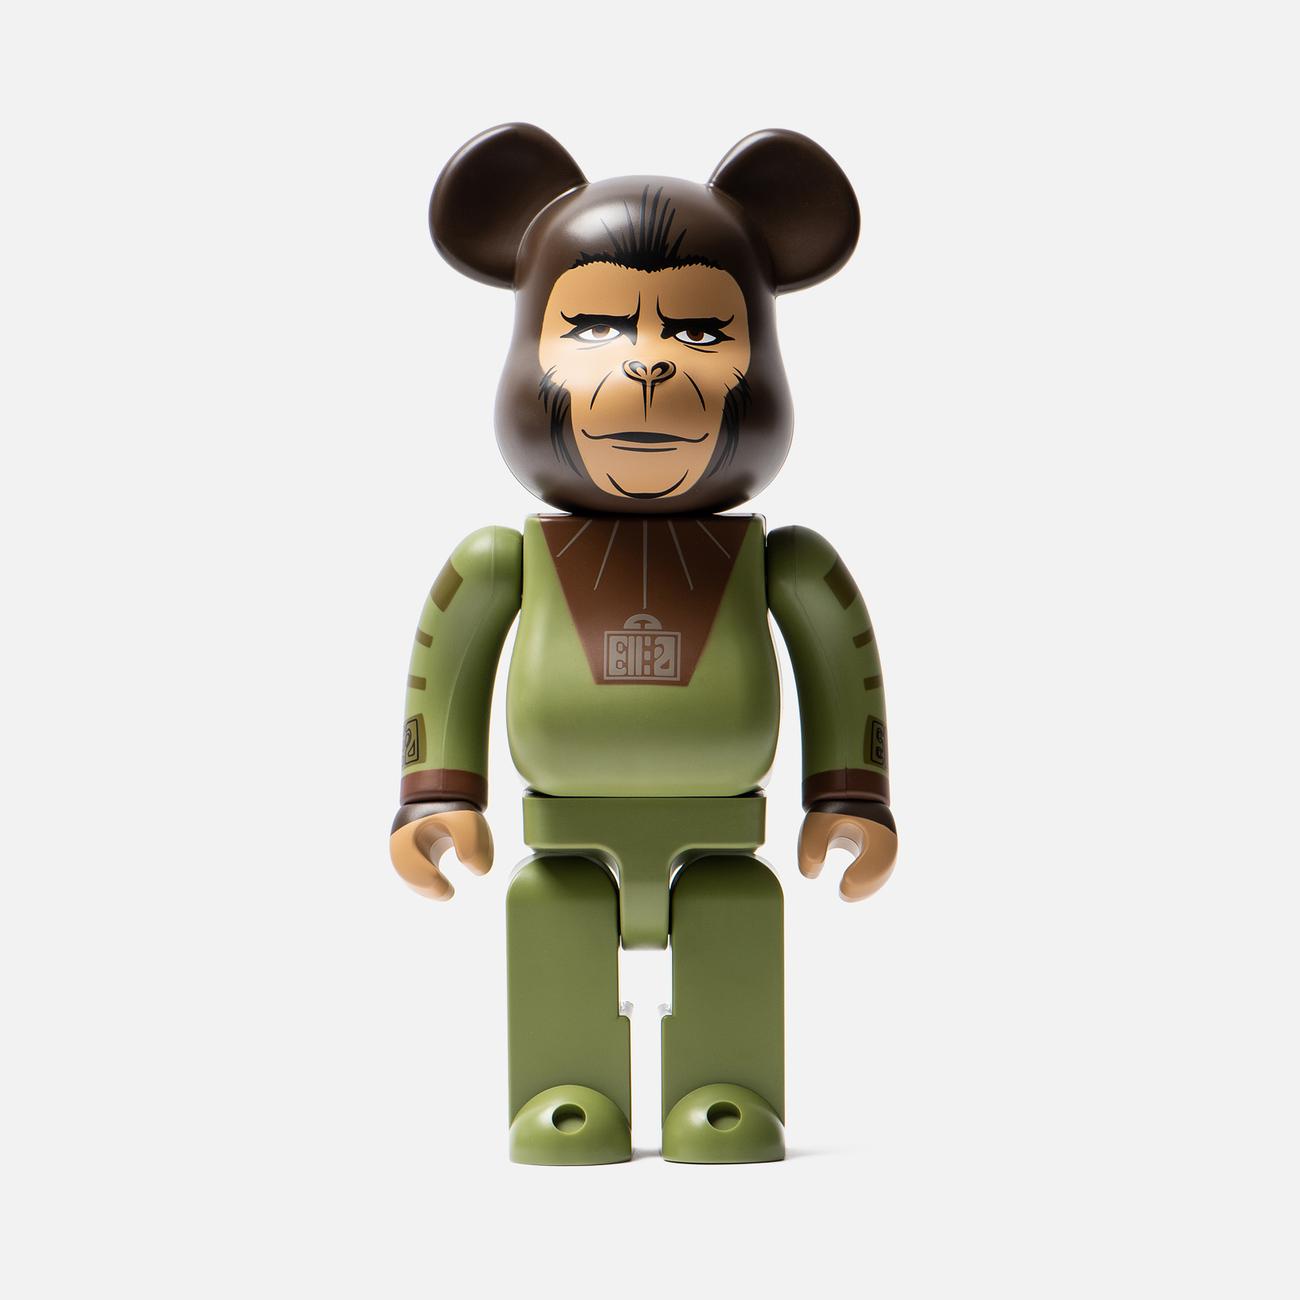 Игрушка Medicom Toy Bearbrick Cornelius 400%